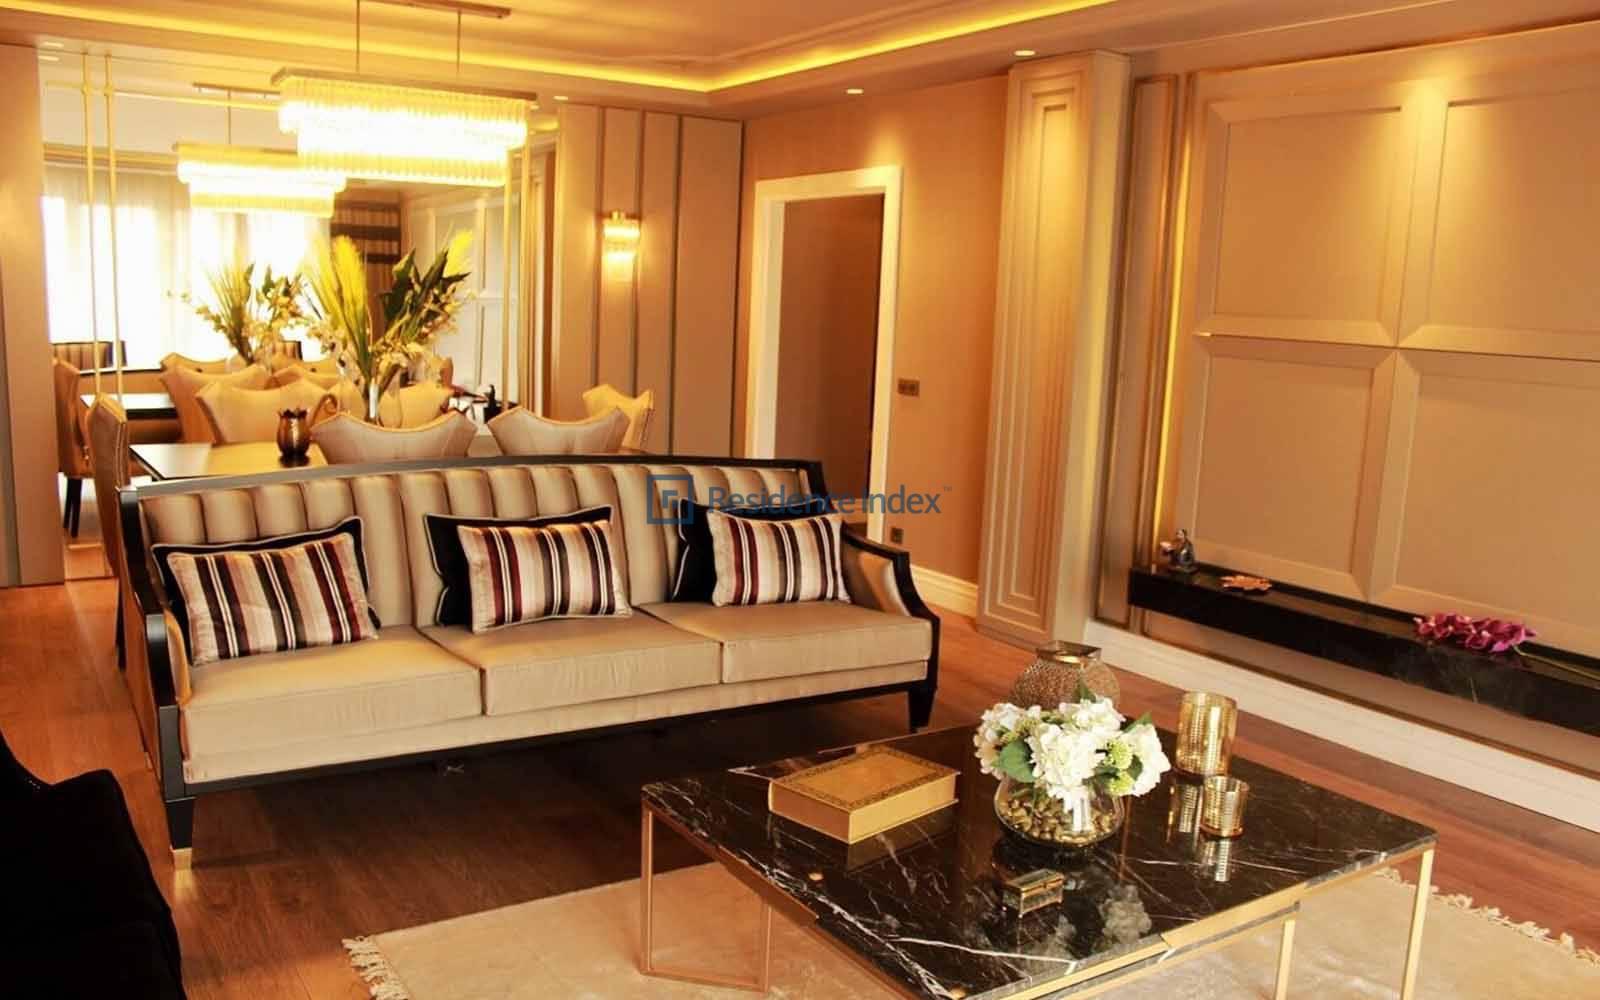 MOD Bahçelievler 2 + 1 Apartment For Sale